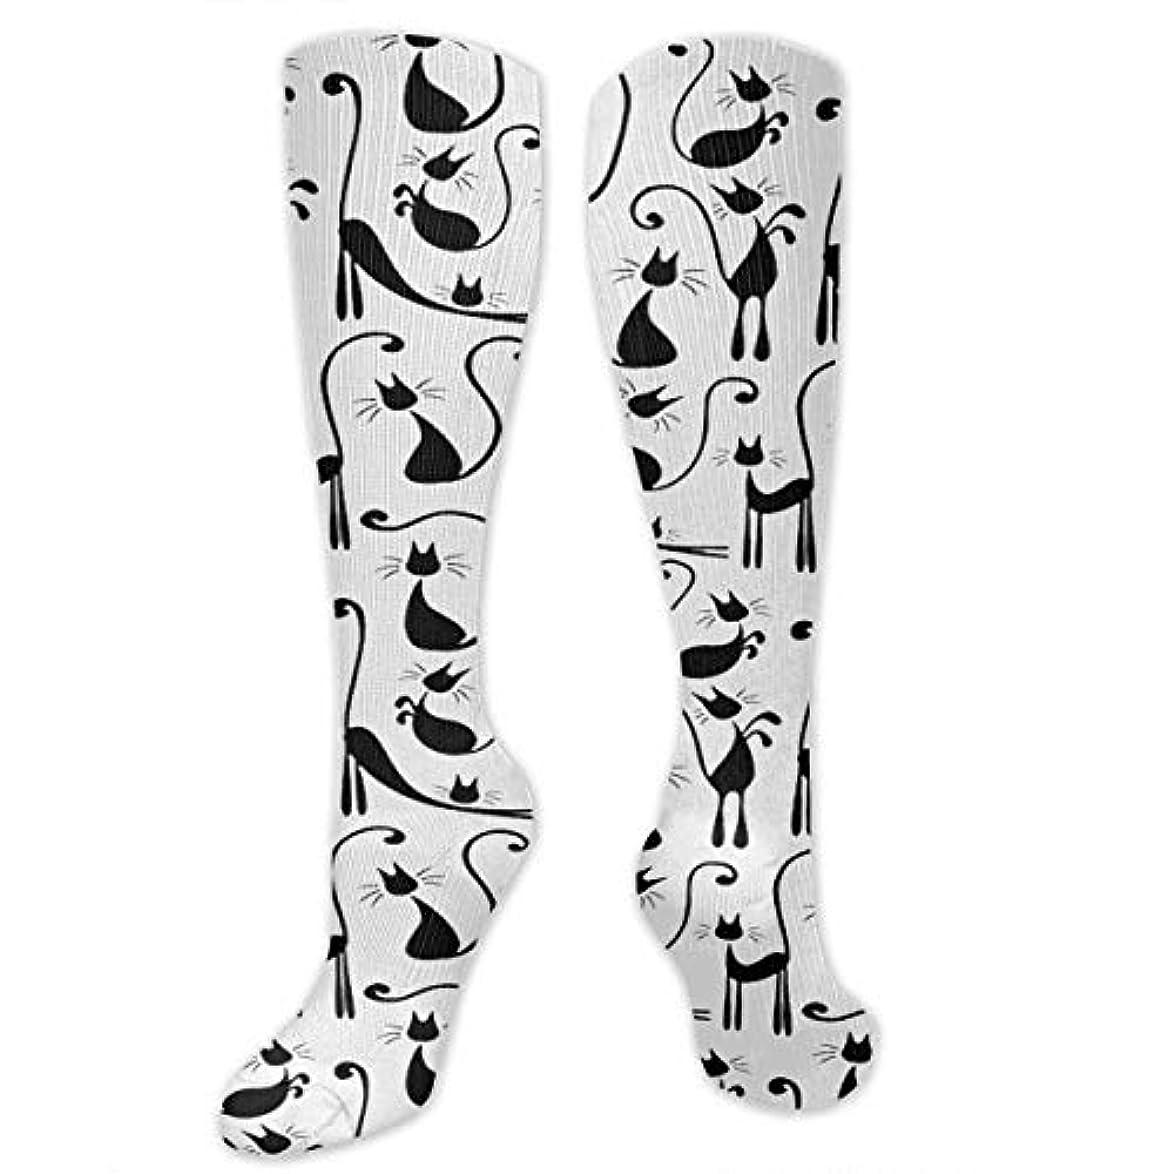 発動機変装したクリーム靴下,ストッキング,野生のジョーカー,実際,秋の本質,冬必須,サマーウェア&RBXAA Large Number Cats Fashion Socks Women's Winter Cotton Long Tube Socks...